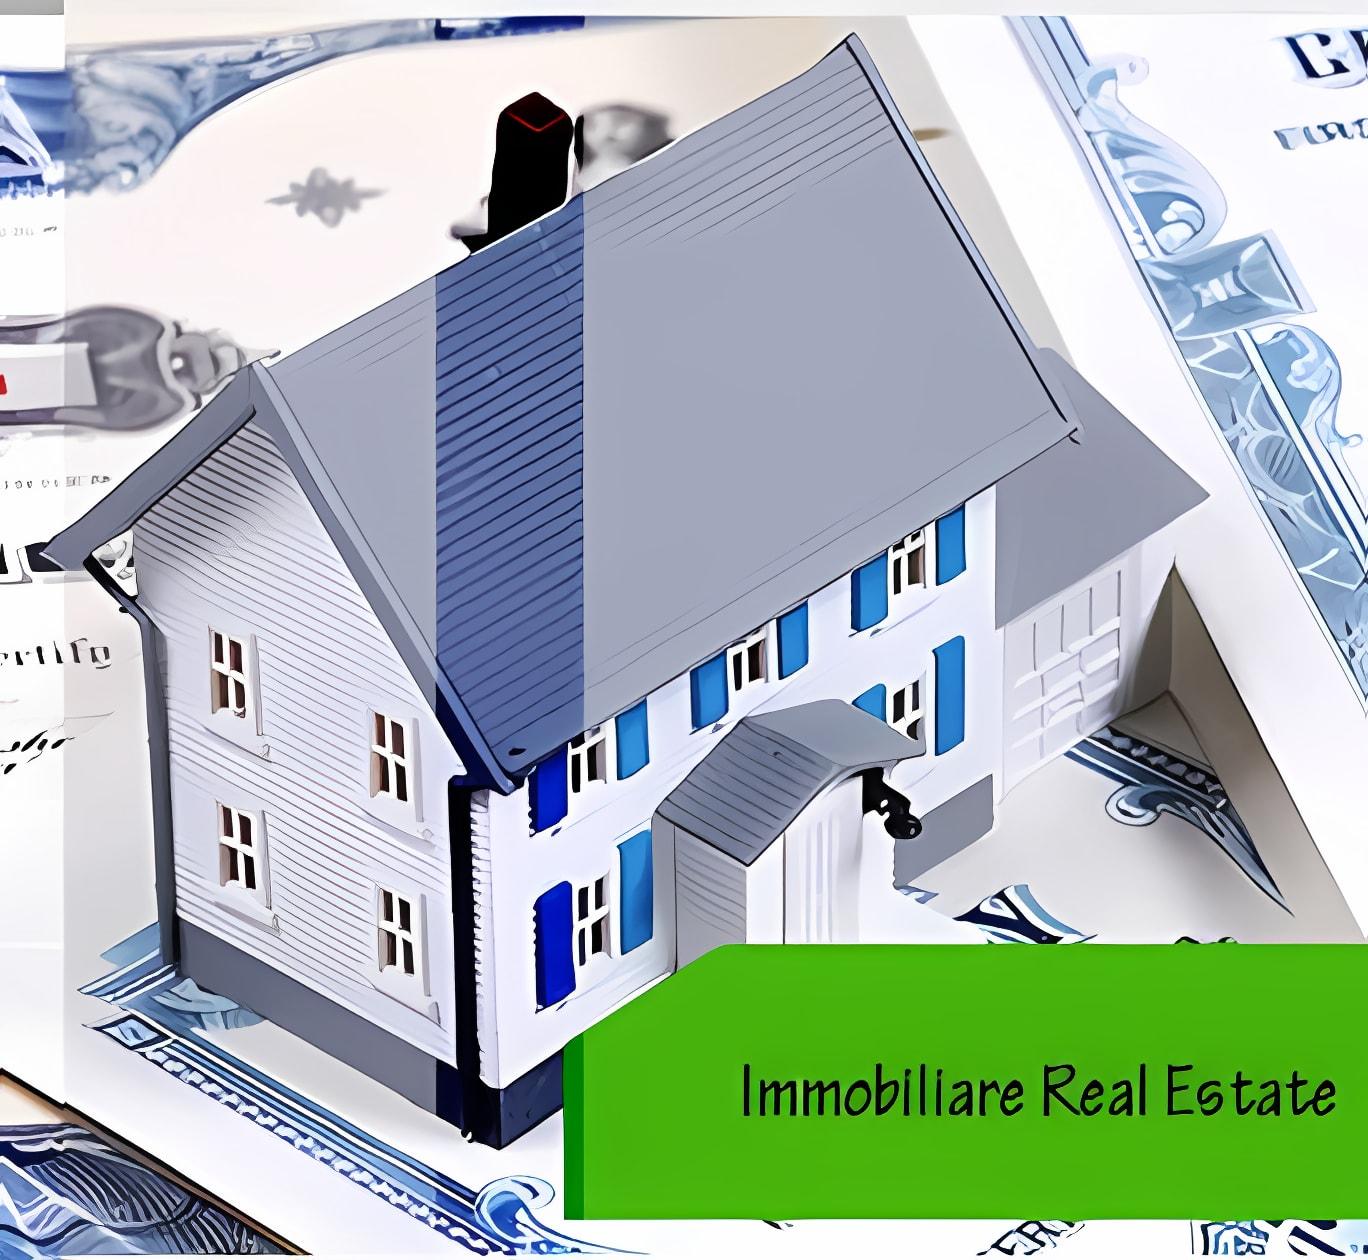 Immobiliare Real Estate